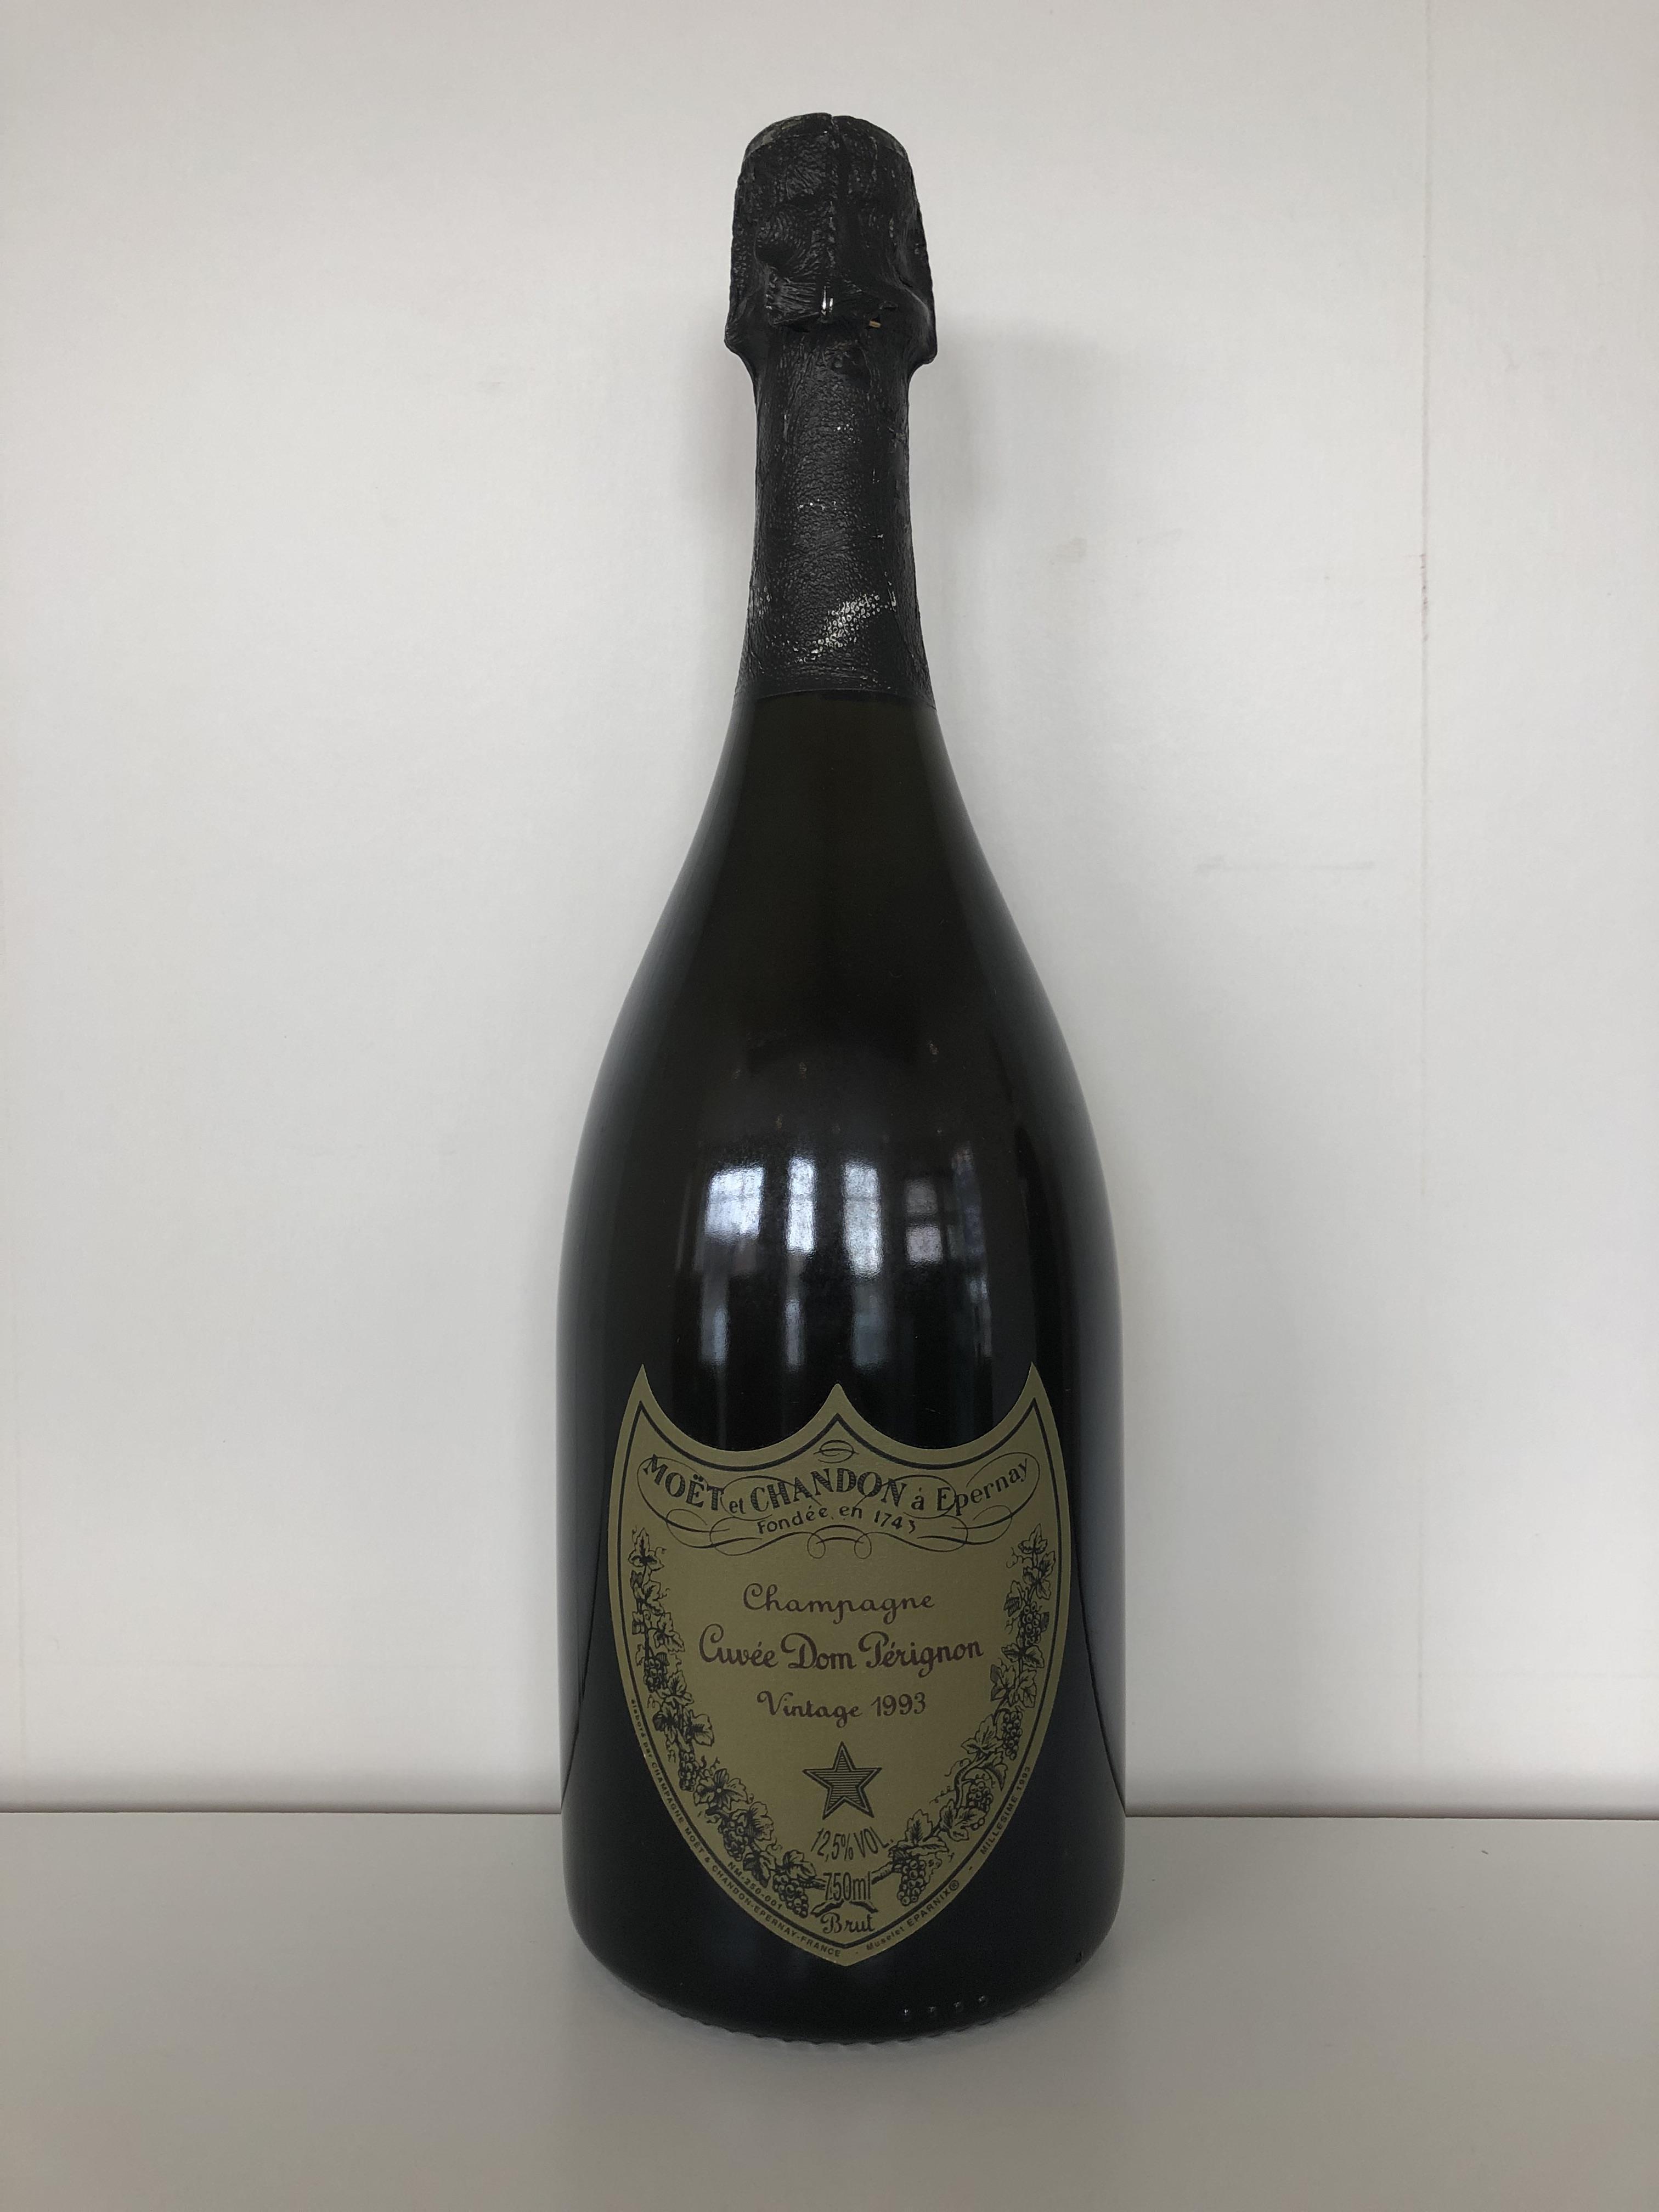 Lot 3 - 1993 Dom Perignon, Moet et Chandon, Champagne, France, 1 bottle